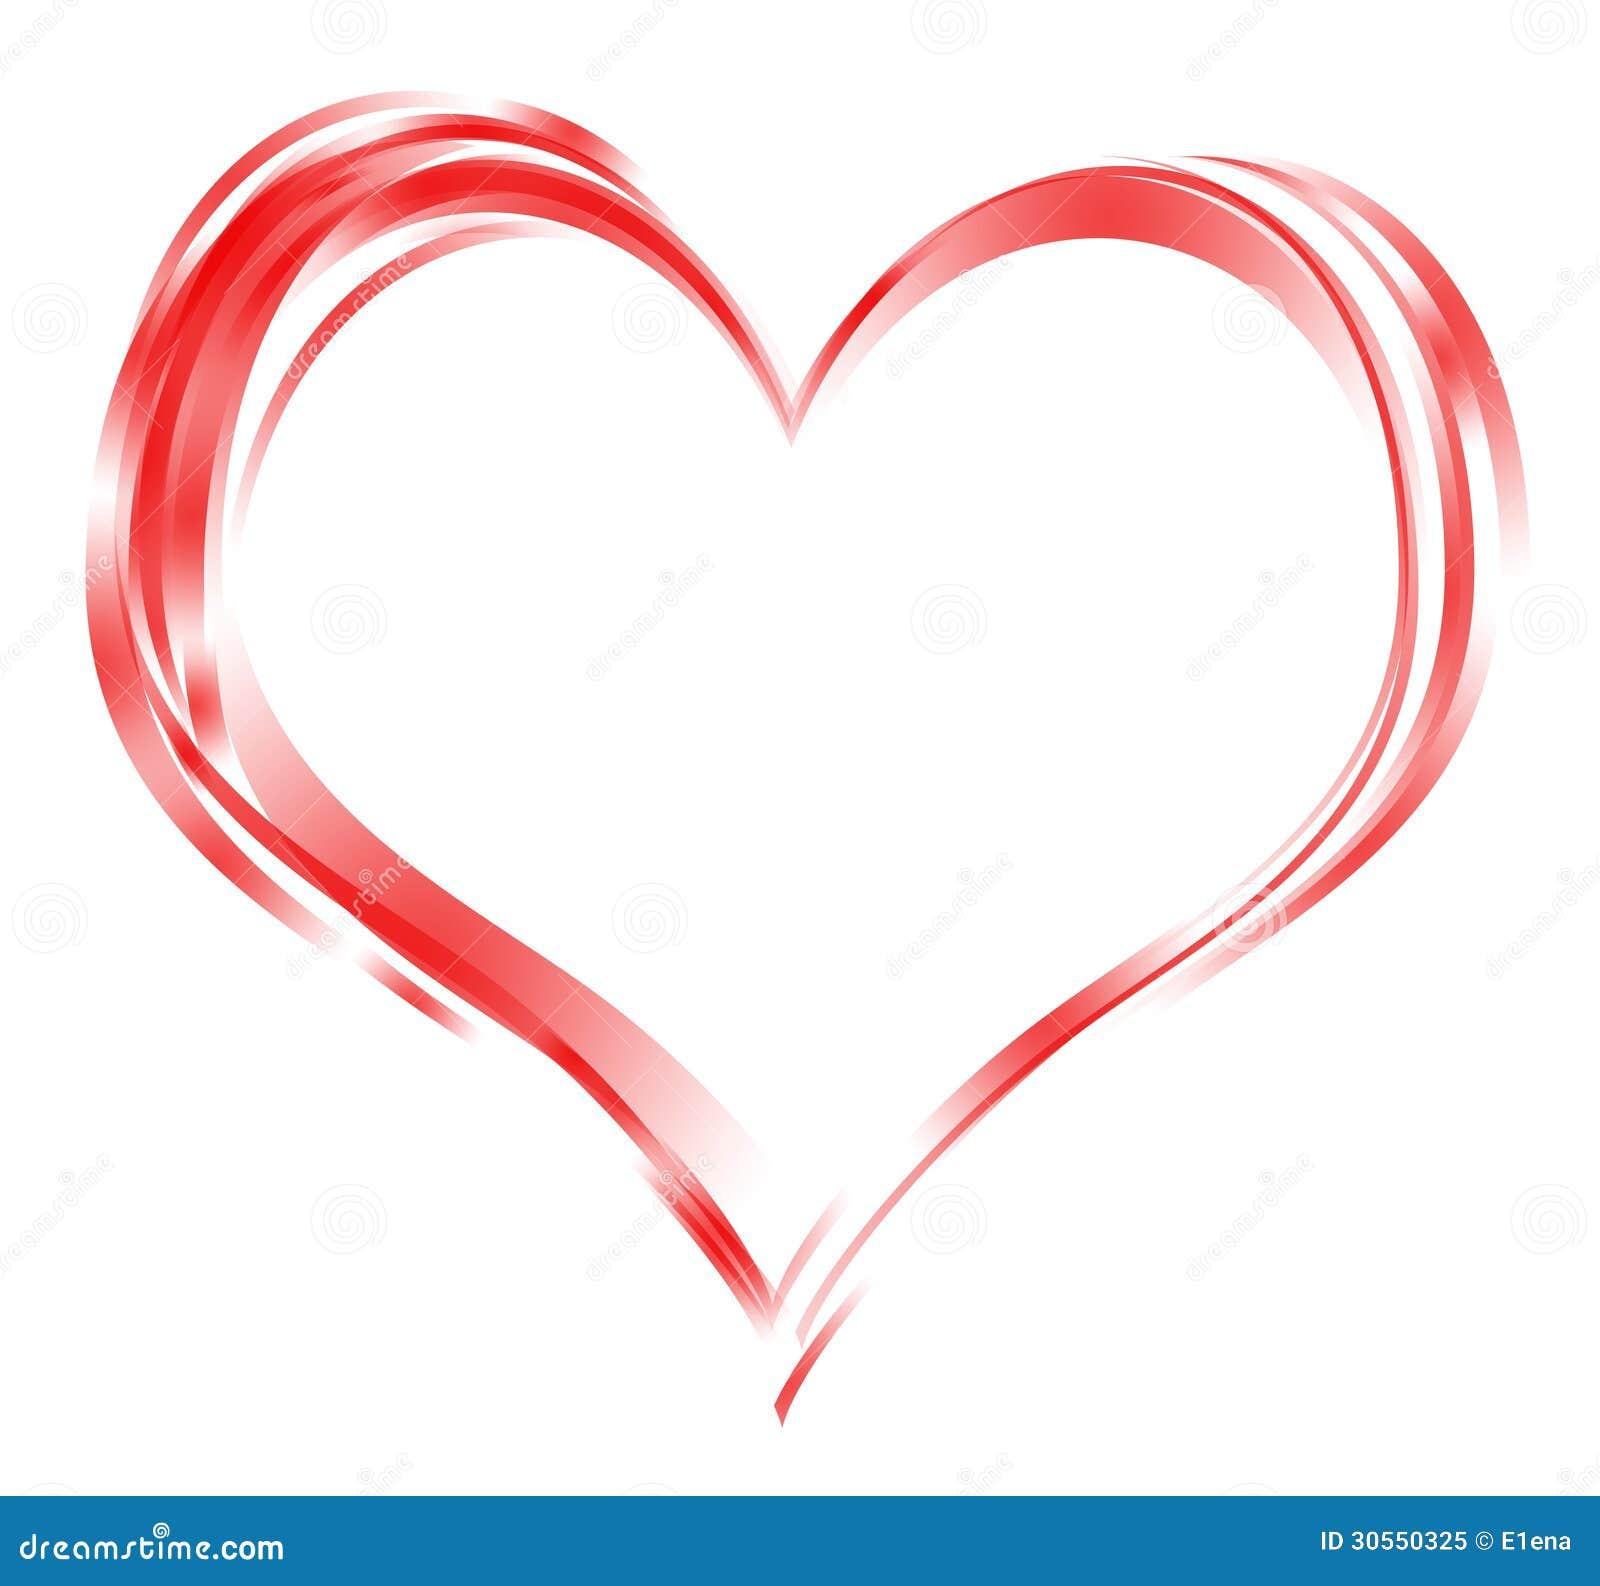 Herzrahmen stock abbildung. Illustration von hintergrund - 30550325